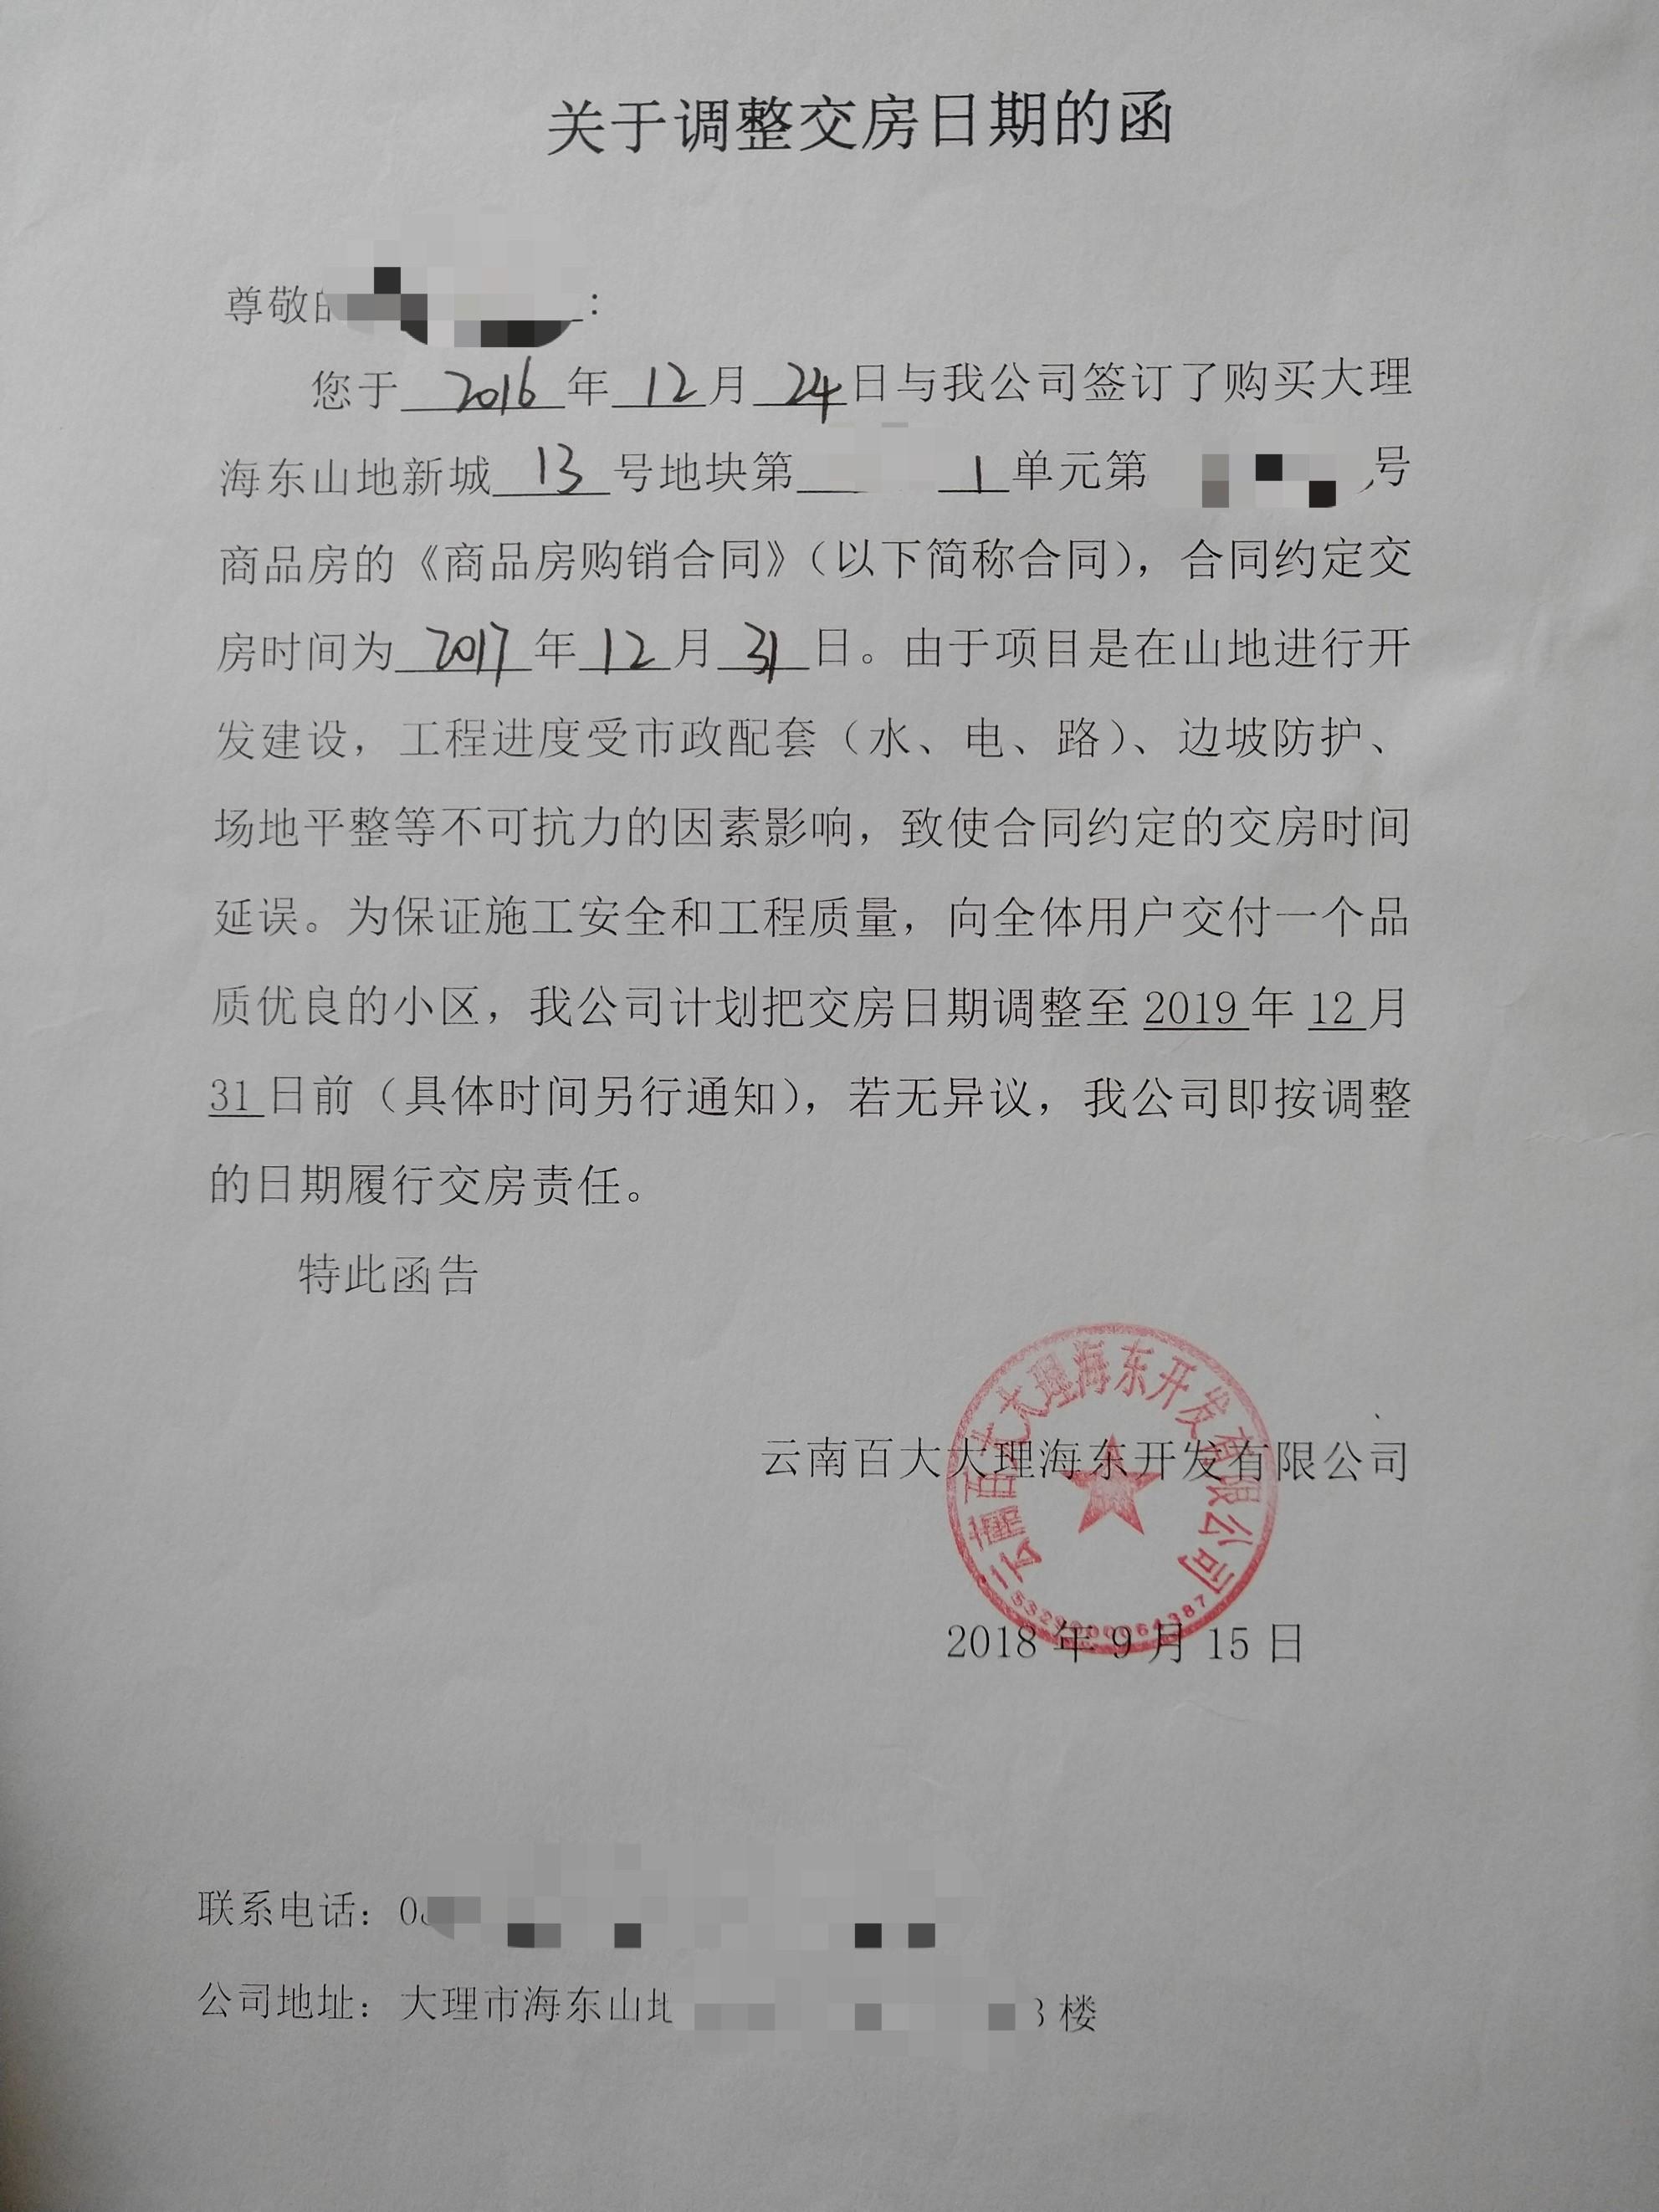 大理北京湾八百户延期交房约3年 管委会:已拨款开工搜狐焦点北京站插图(2)